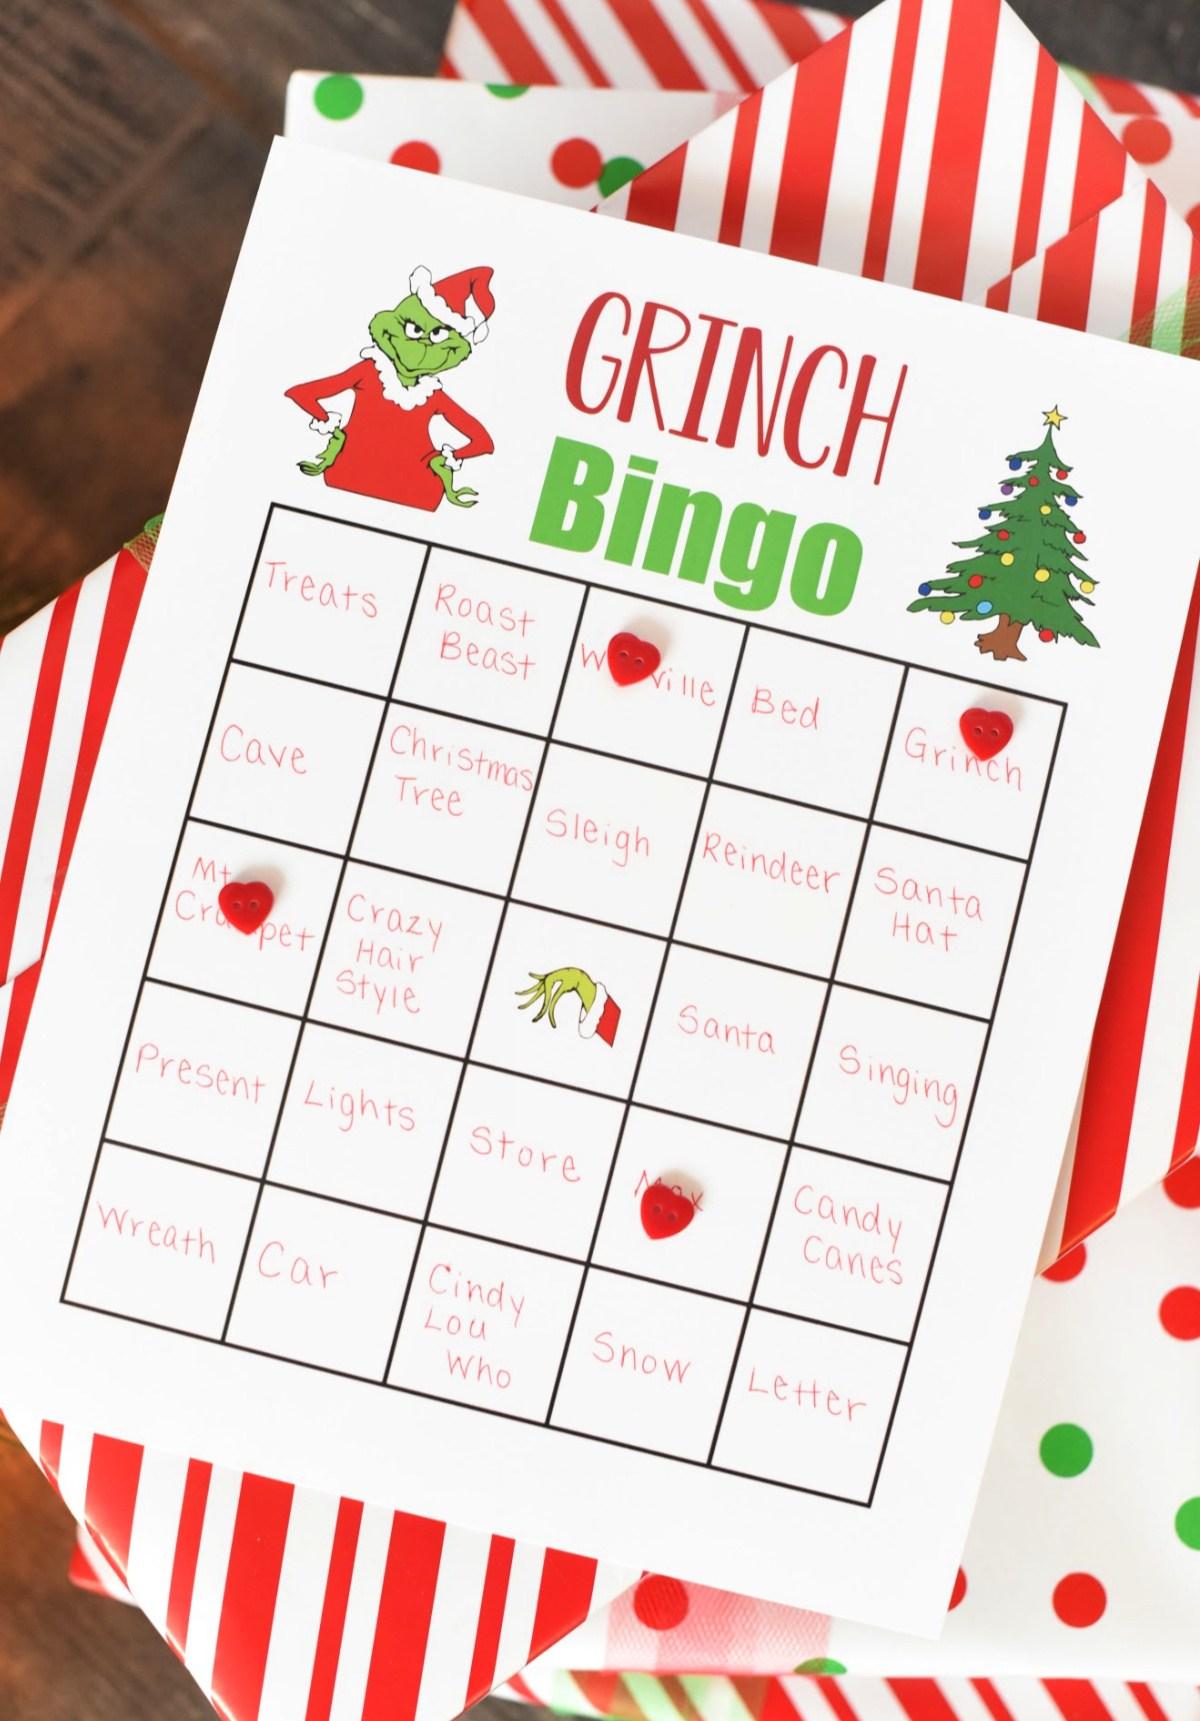 Grinch Bingo